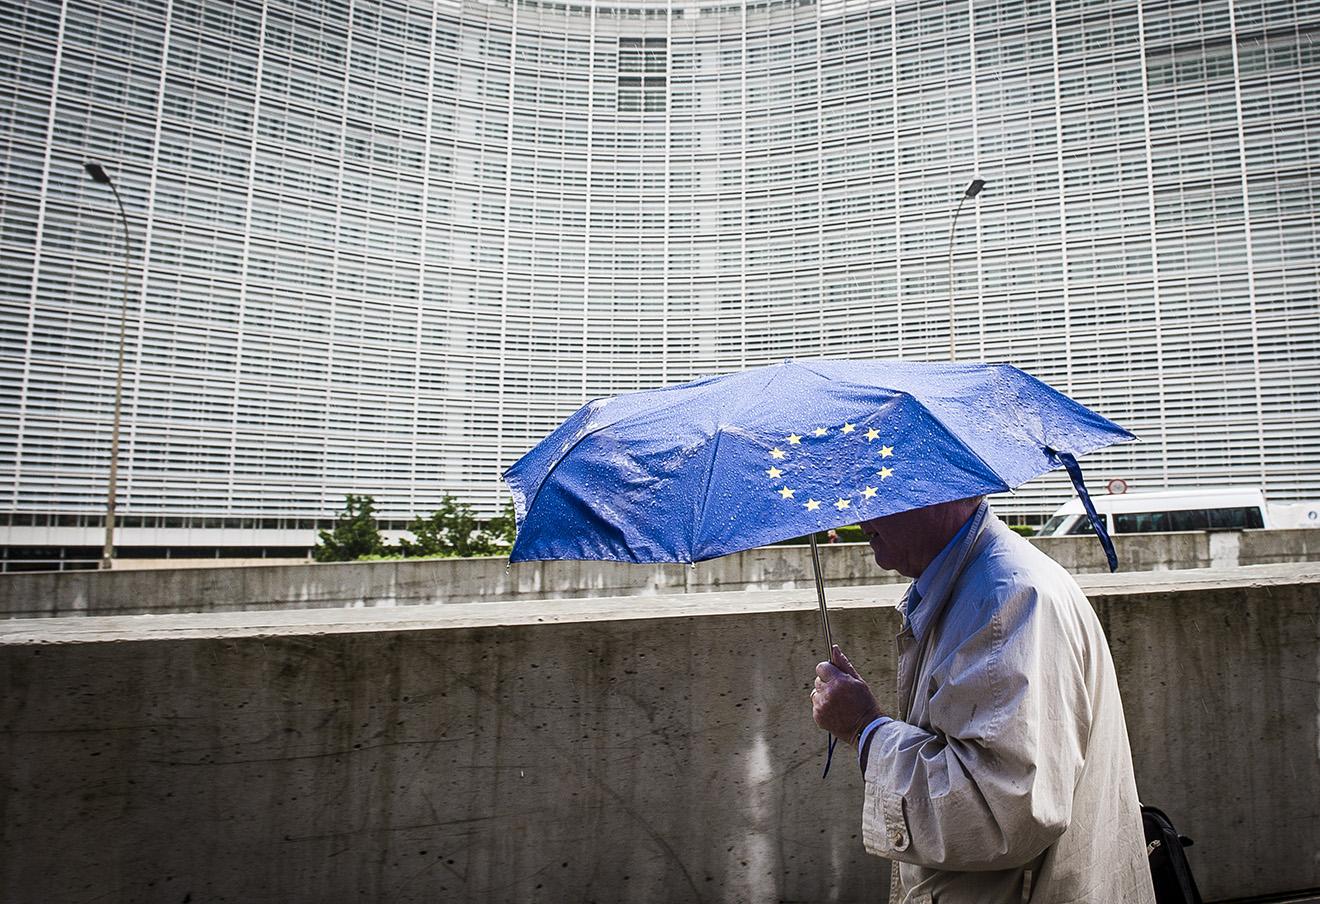 Здание Европейского парламента в Брюсселе. Фото: Wiktor Dabkowski / ТАСС